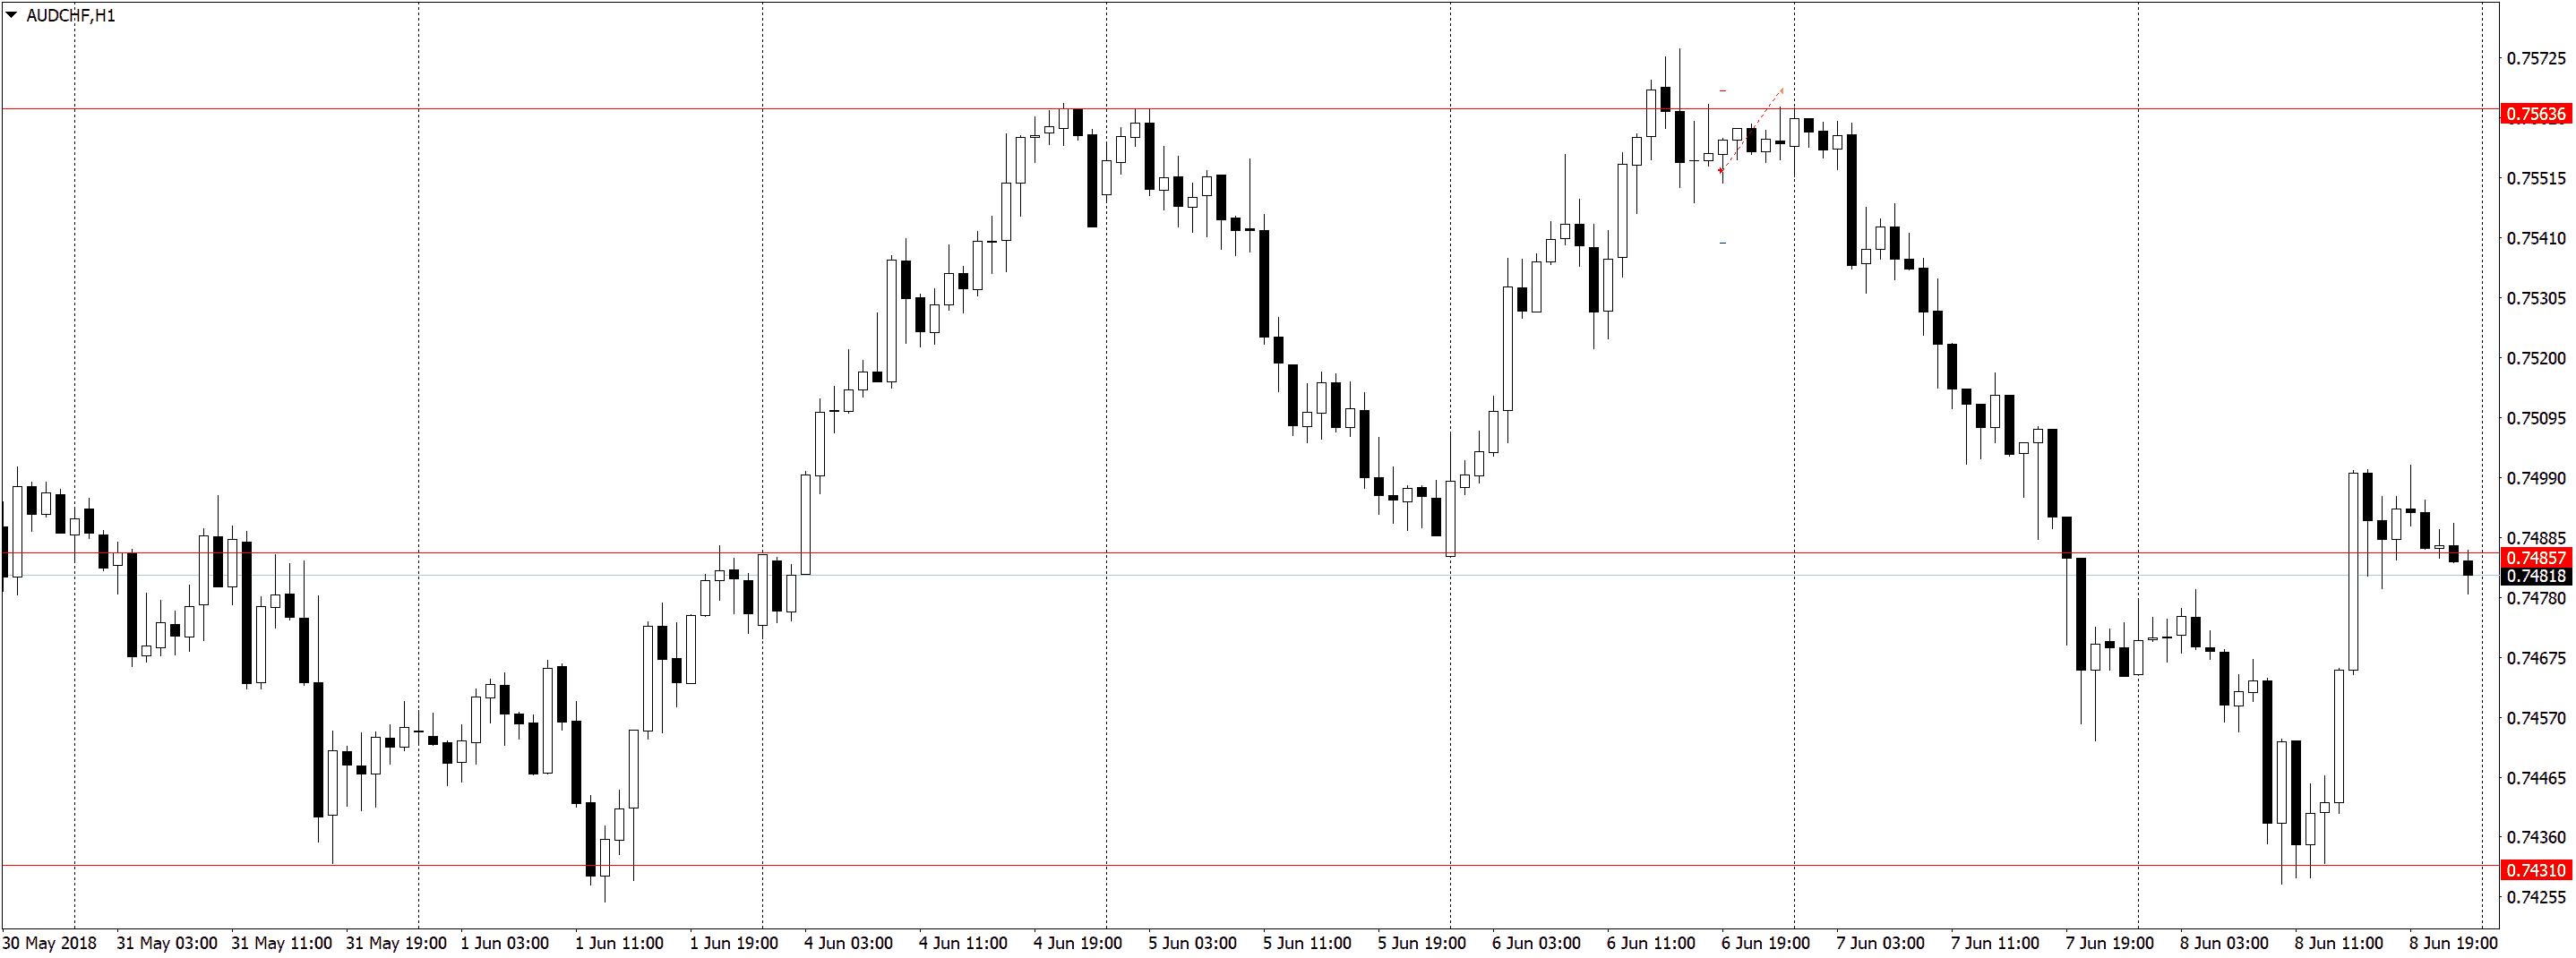 AUDCHFH1 Торговля по H1, трейдинг в удовольствие, три состояния рынка